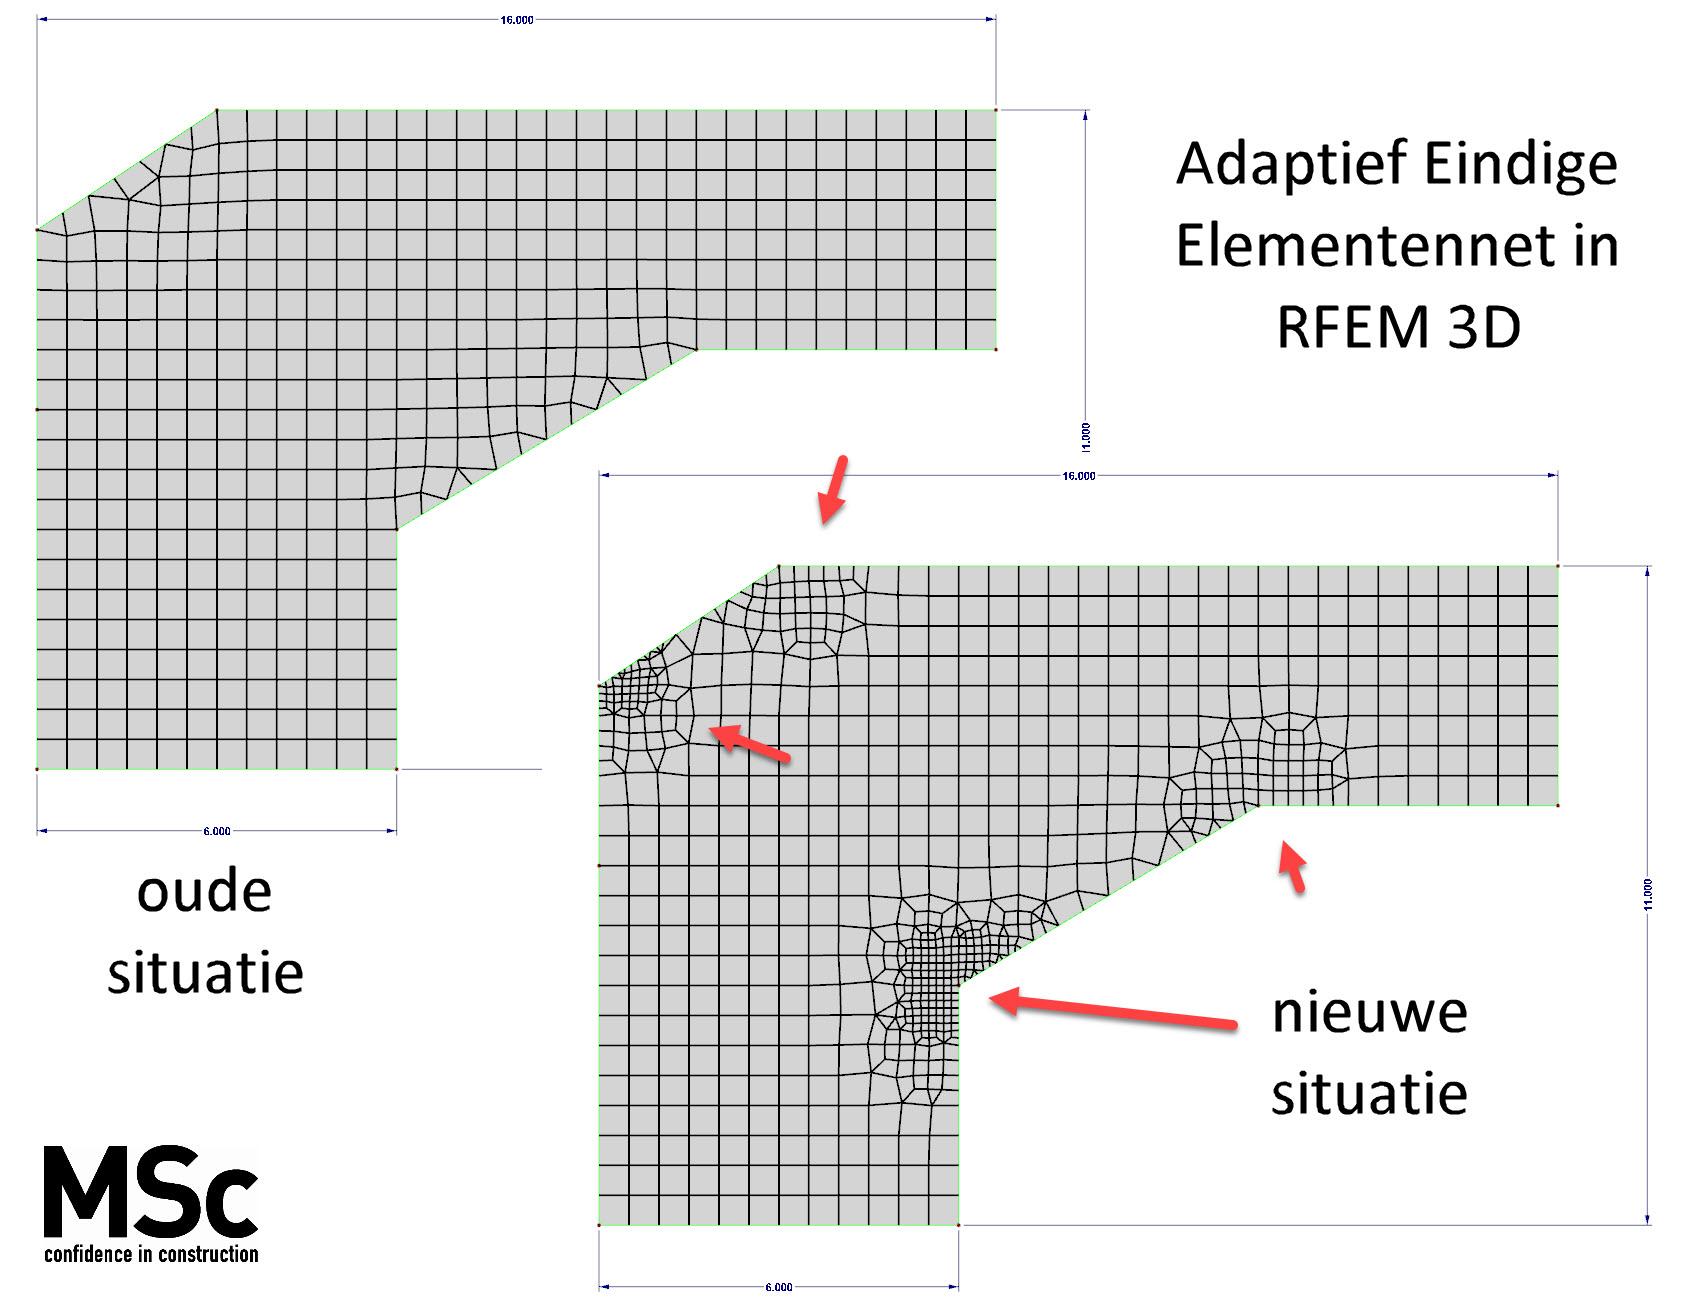 Eindige elementen net automatisch laten aanpassen met een adaptief EE-net